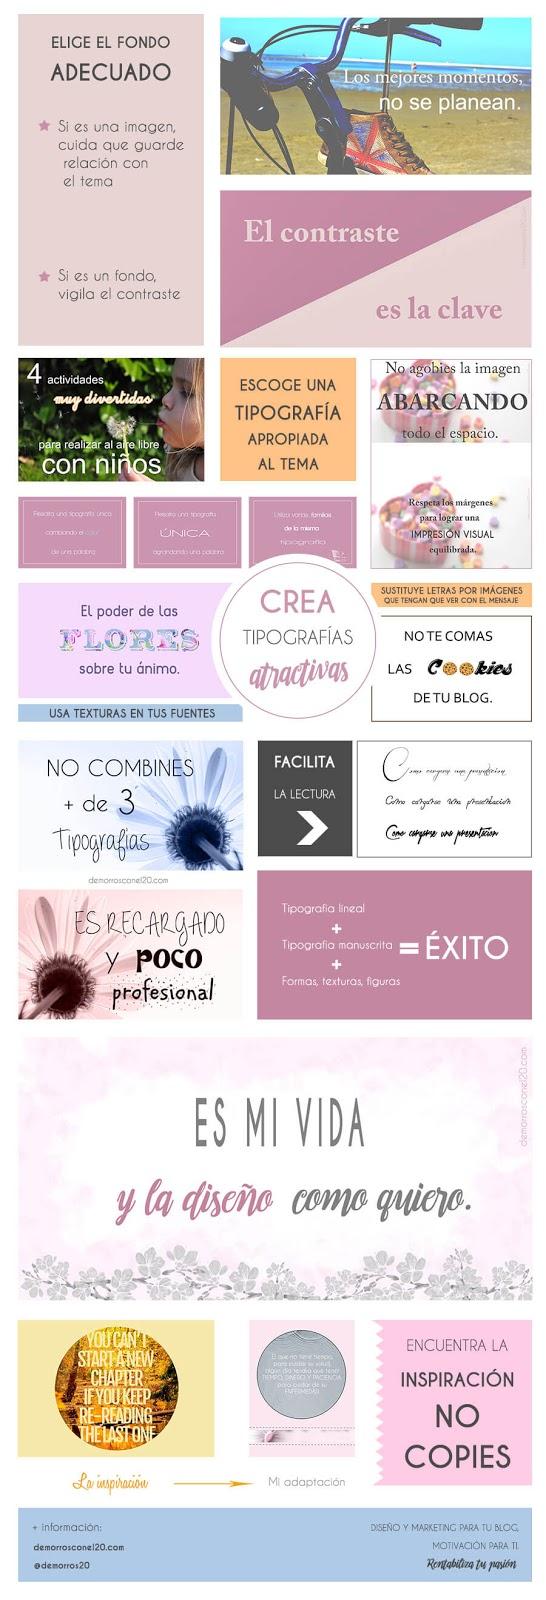 infografía-como-combinar-tipografias-para-presentaciones